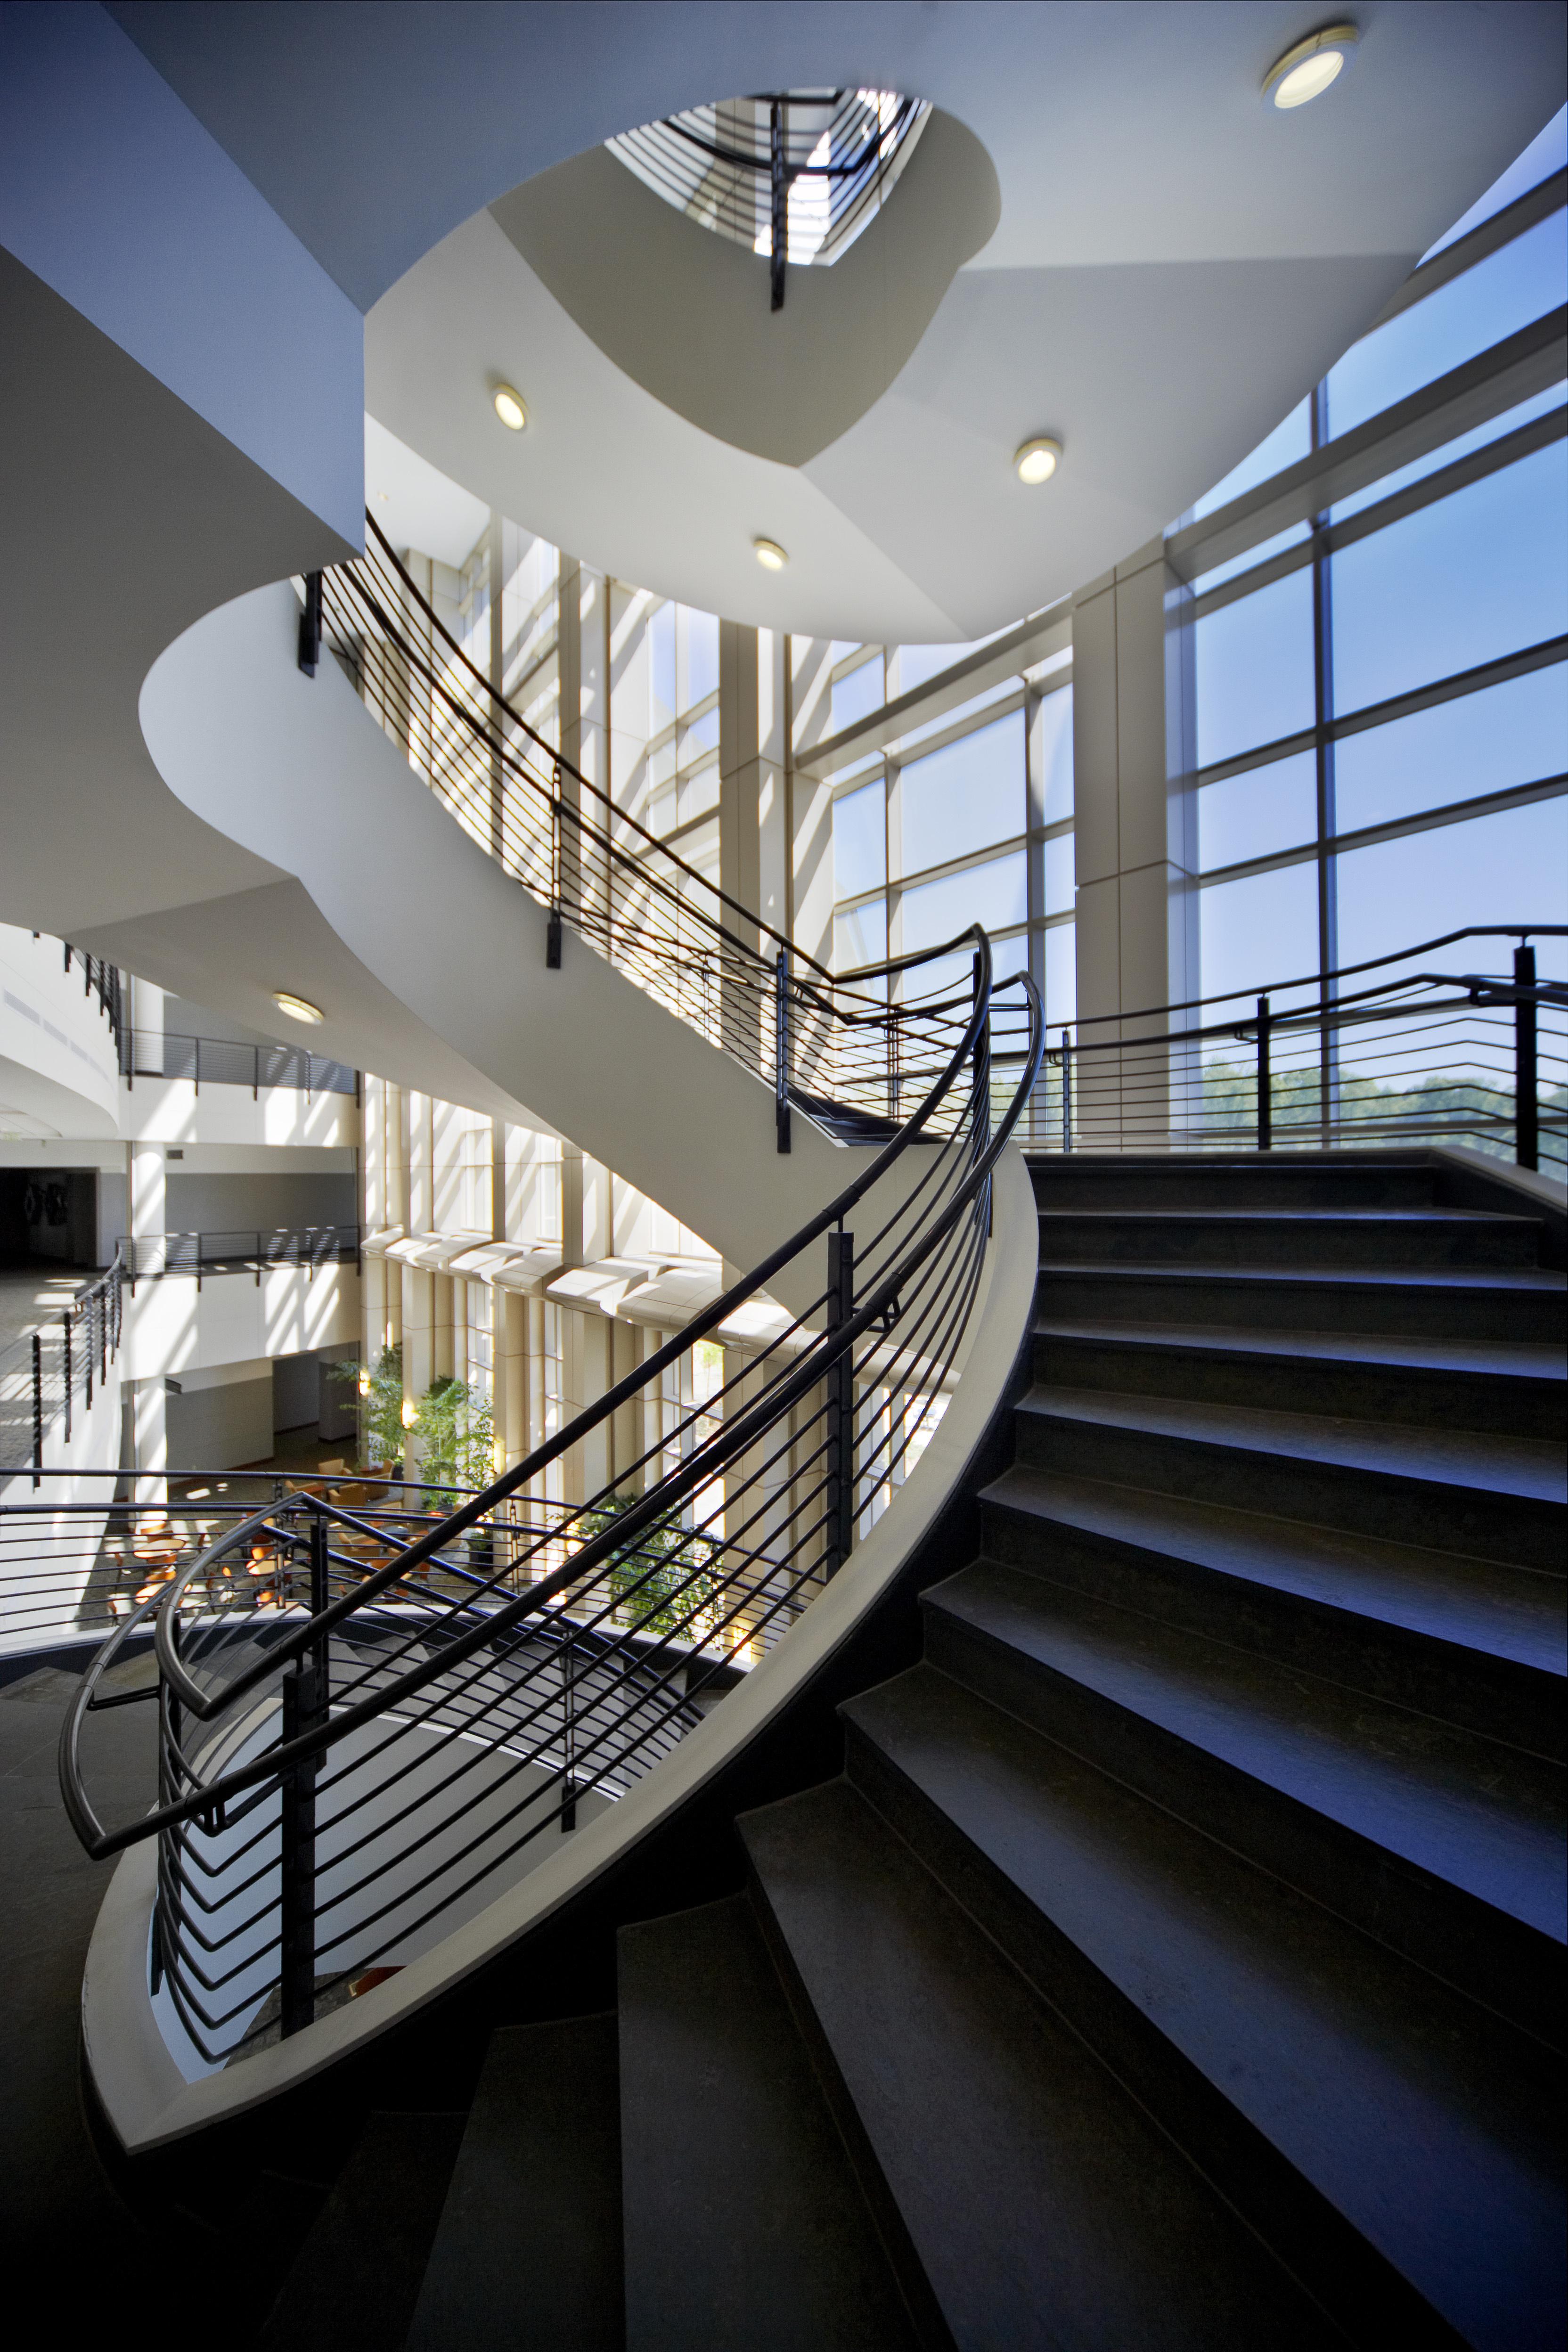 https://0201.nccdn.net/1_2/000/000/0f2/895/0309_03.stair.spiral-3328x4992.jpg